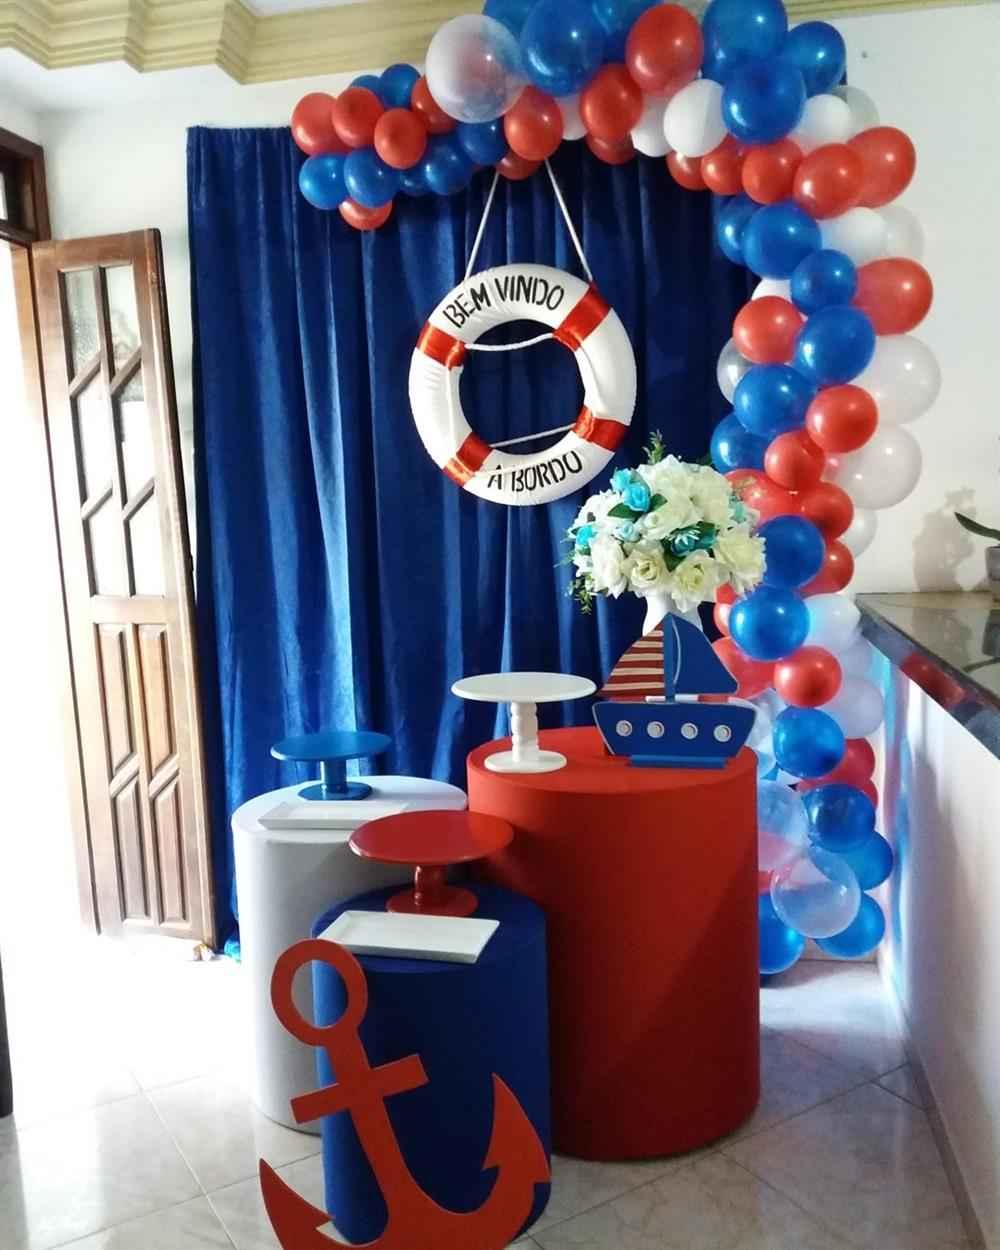 decoración de fiesta infantil con cortina